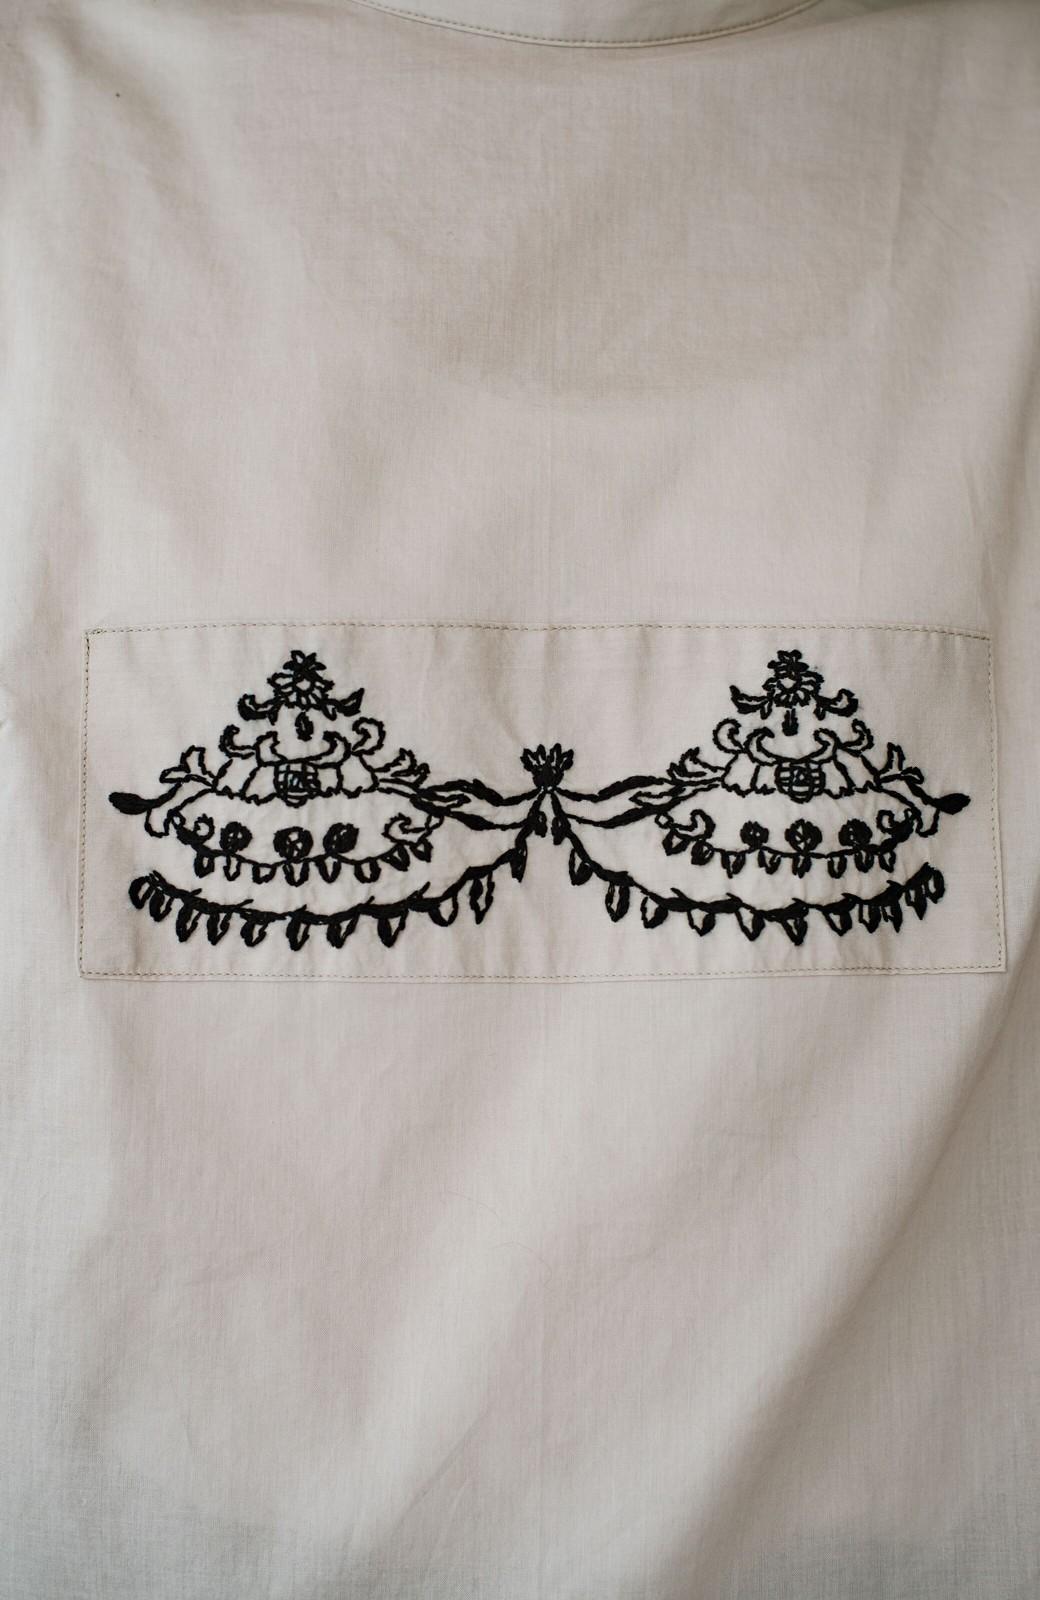 haco! 上品な刺繍がまるでレースのよう オーガニックコットンの袖ぽんわりブラウス from Stitch by Stitch <ライトベージュ>の商品写真7